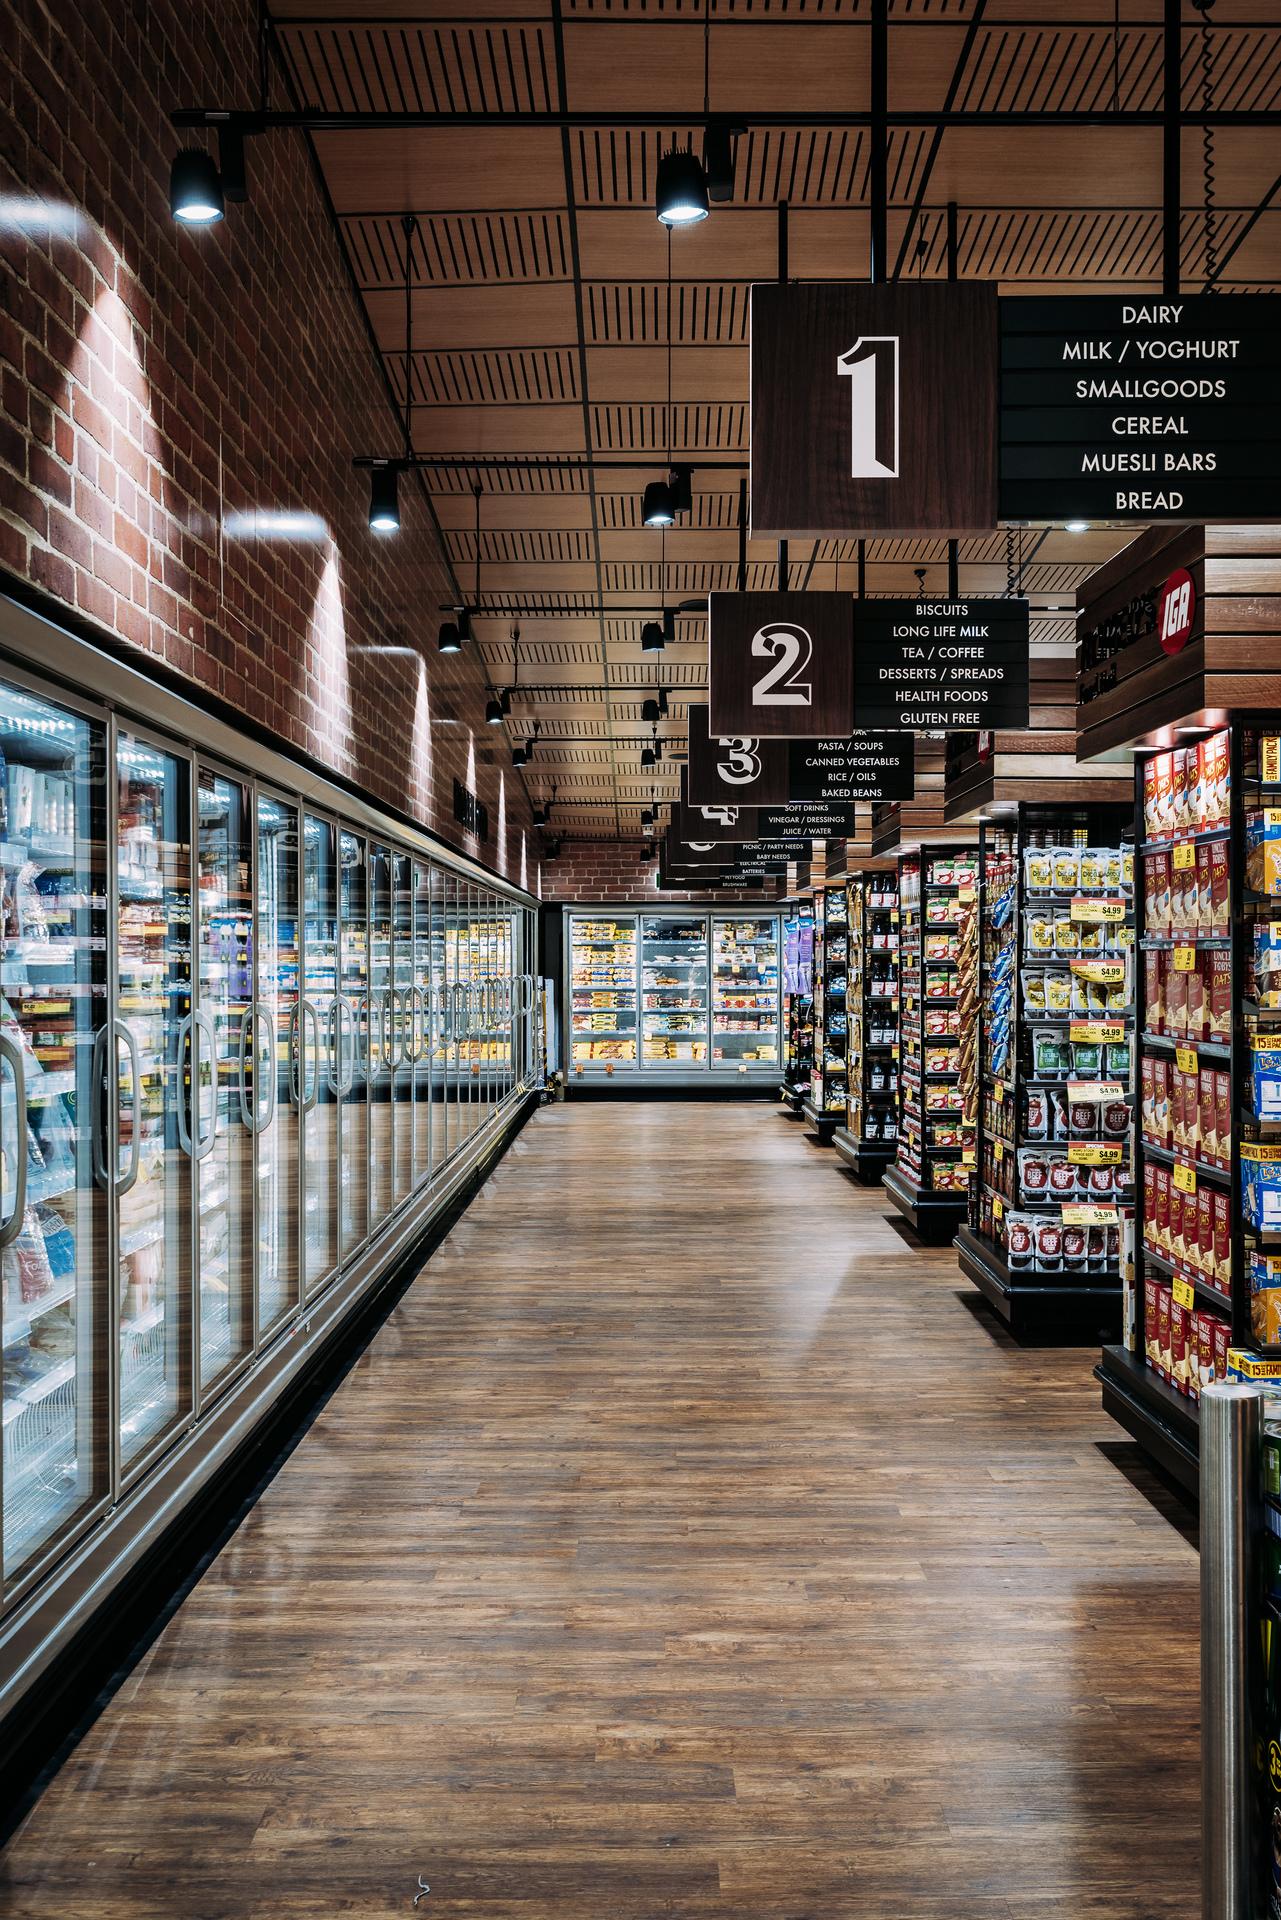 «Перевоплощение» ритейла: как COVID-19 повлиял на супермаркеты